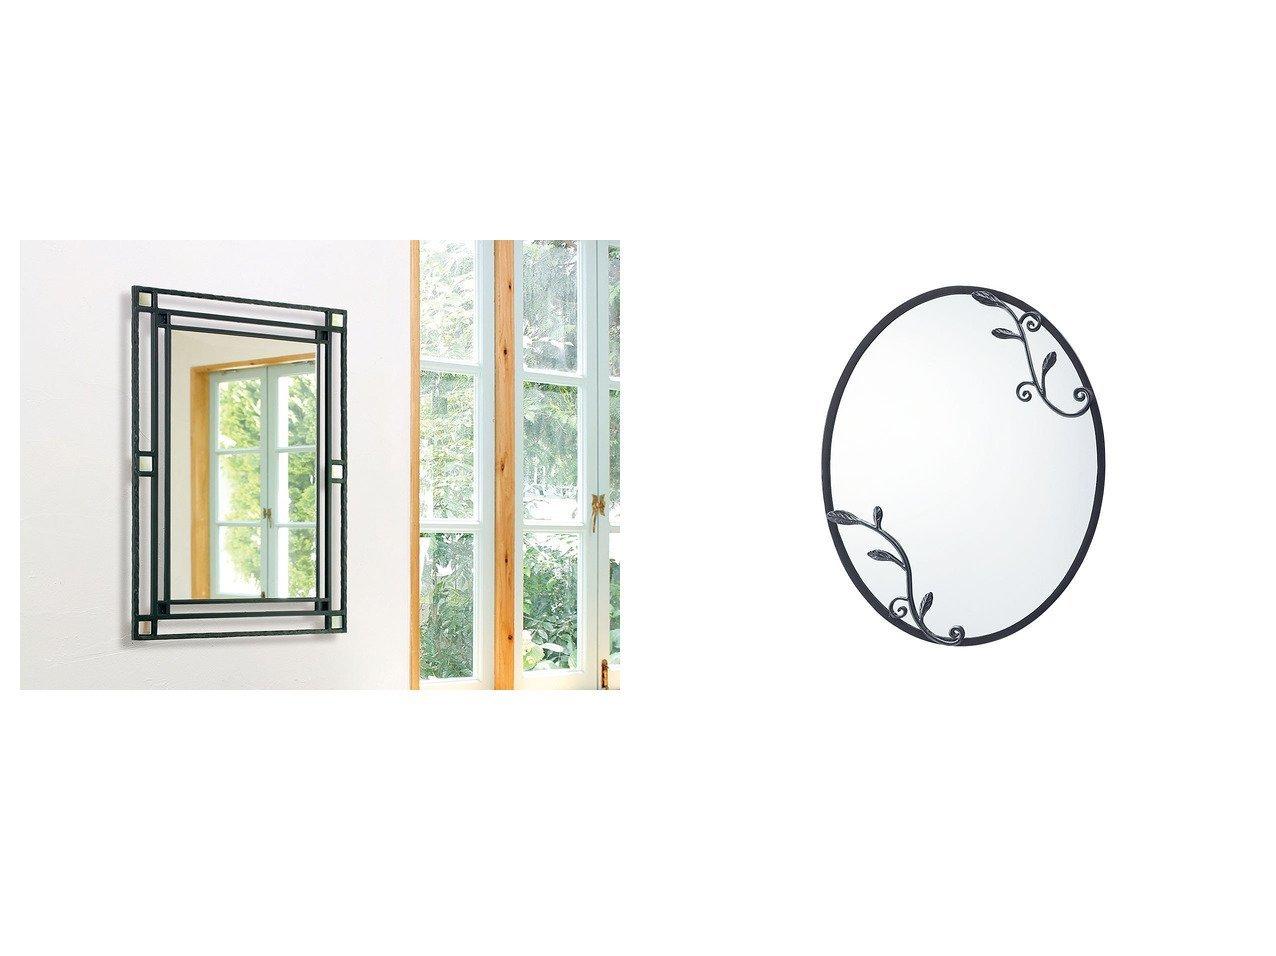 【FLYMEe Blanc/フライミー ブラン】のウォールミラー m77296&ウォールミラー m77297 【FURNITURE】おすすめ!人気、インテリア雑貨・家具の通販 おすすめで人気の流行・トレンド、ファッションの通販商品 インテリア・家具・メンズファッション・キッズファッション・レディースファッション・服の通販 founy(ファニー) https://founy.com/ 送料無料 Free Shipping クラシカル モチーフ ホーム・キャンプ・アウトドア Home,Garden,Outdoor,Camping Gear 家具・インテリア Furniture ミラー・ドレッサー Mirror ミラー・鏡 ホーム・キャンプ・アウトドア Home,Garden,Outdoor,Camping Gear 家具・インテリア Furniture ミラー・ドレッサー Mirror ドレッサー  ID:crp329100000055481